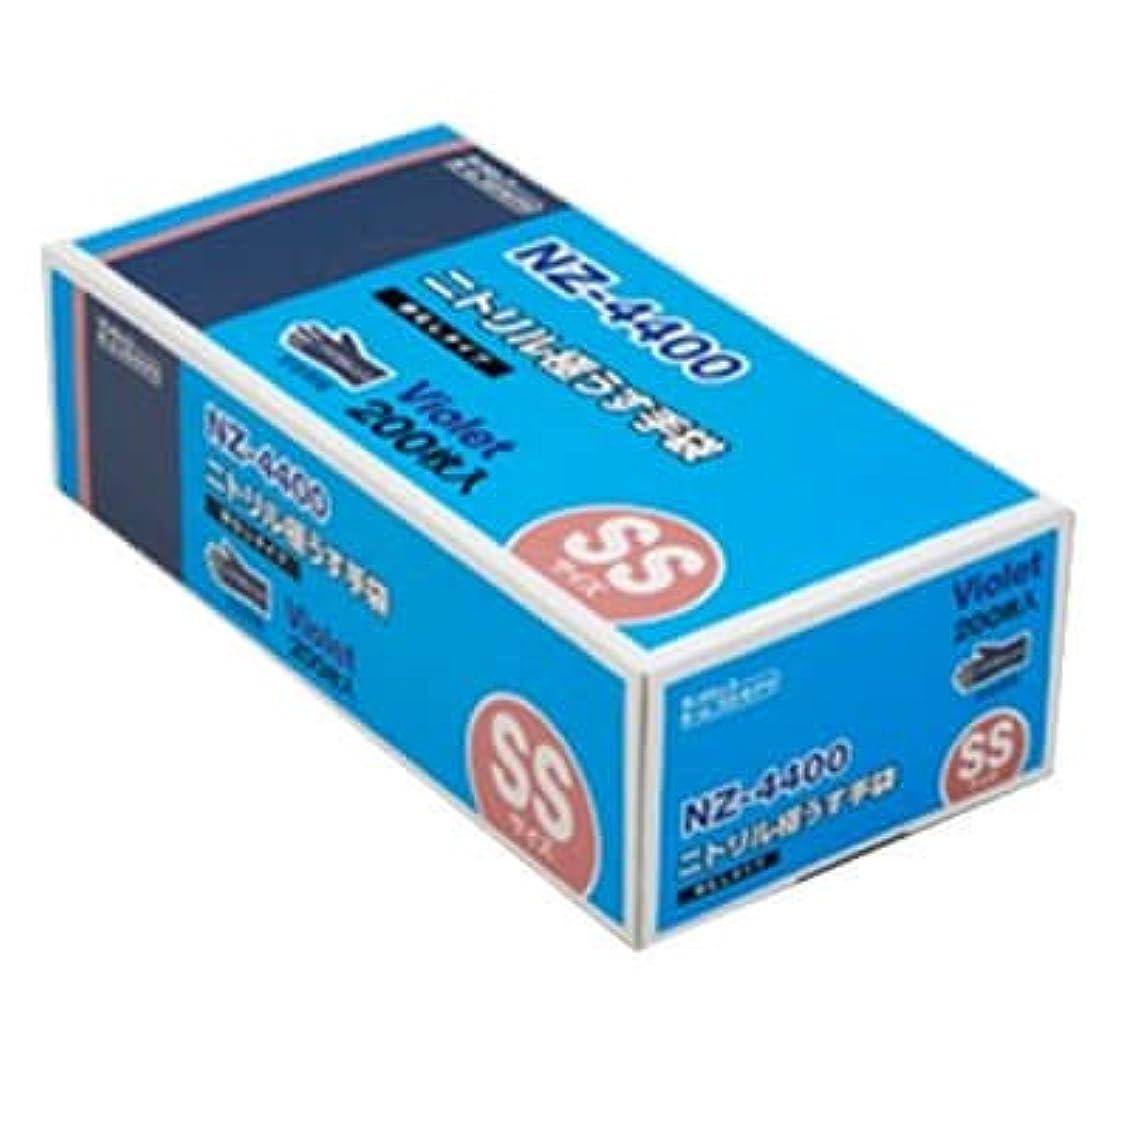 喜び幾分女性【ケース販売】 ダンロップ ニトリル極うす手袋 粉無 SS バイオレット NZ4400 (200枚入×15箱)